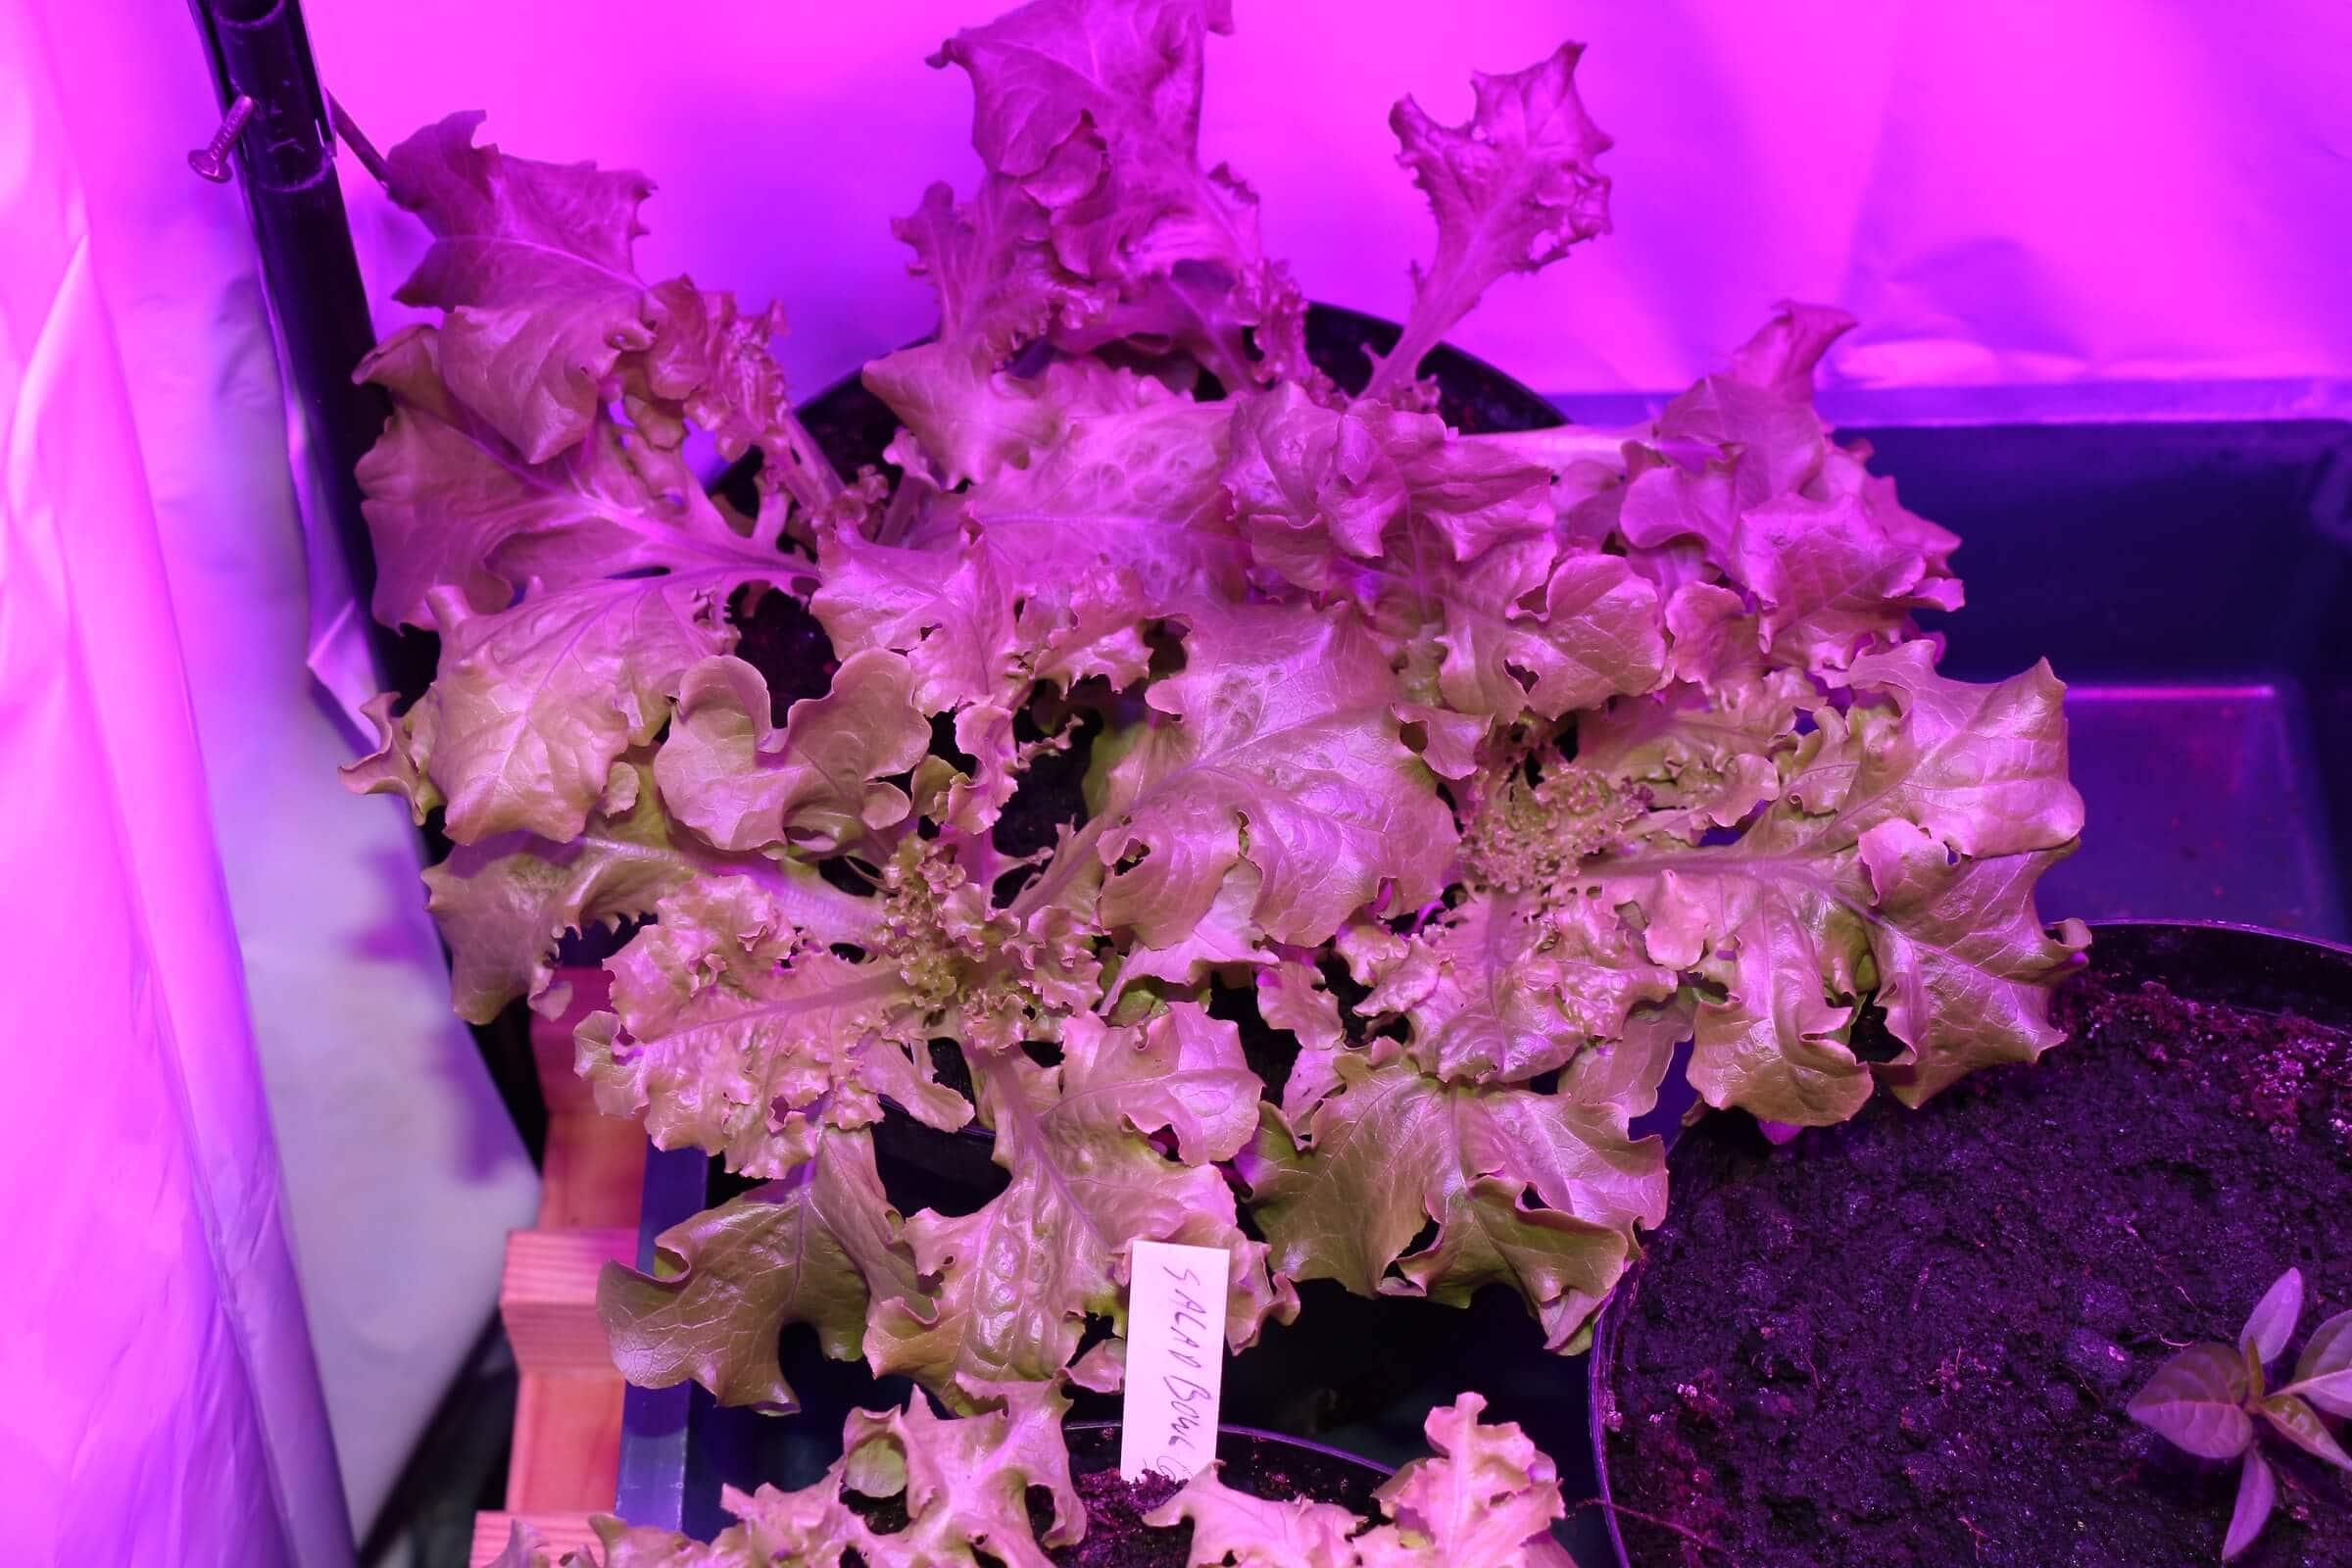 Der andere Salat hat schmale Blätter